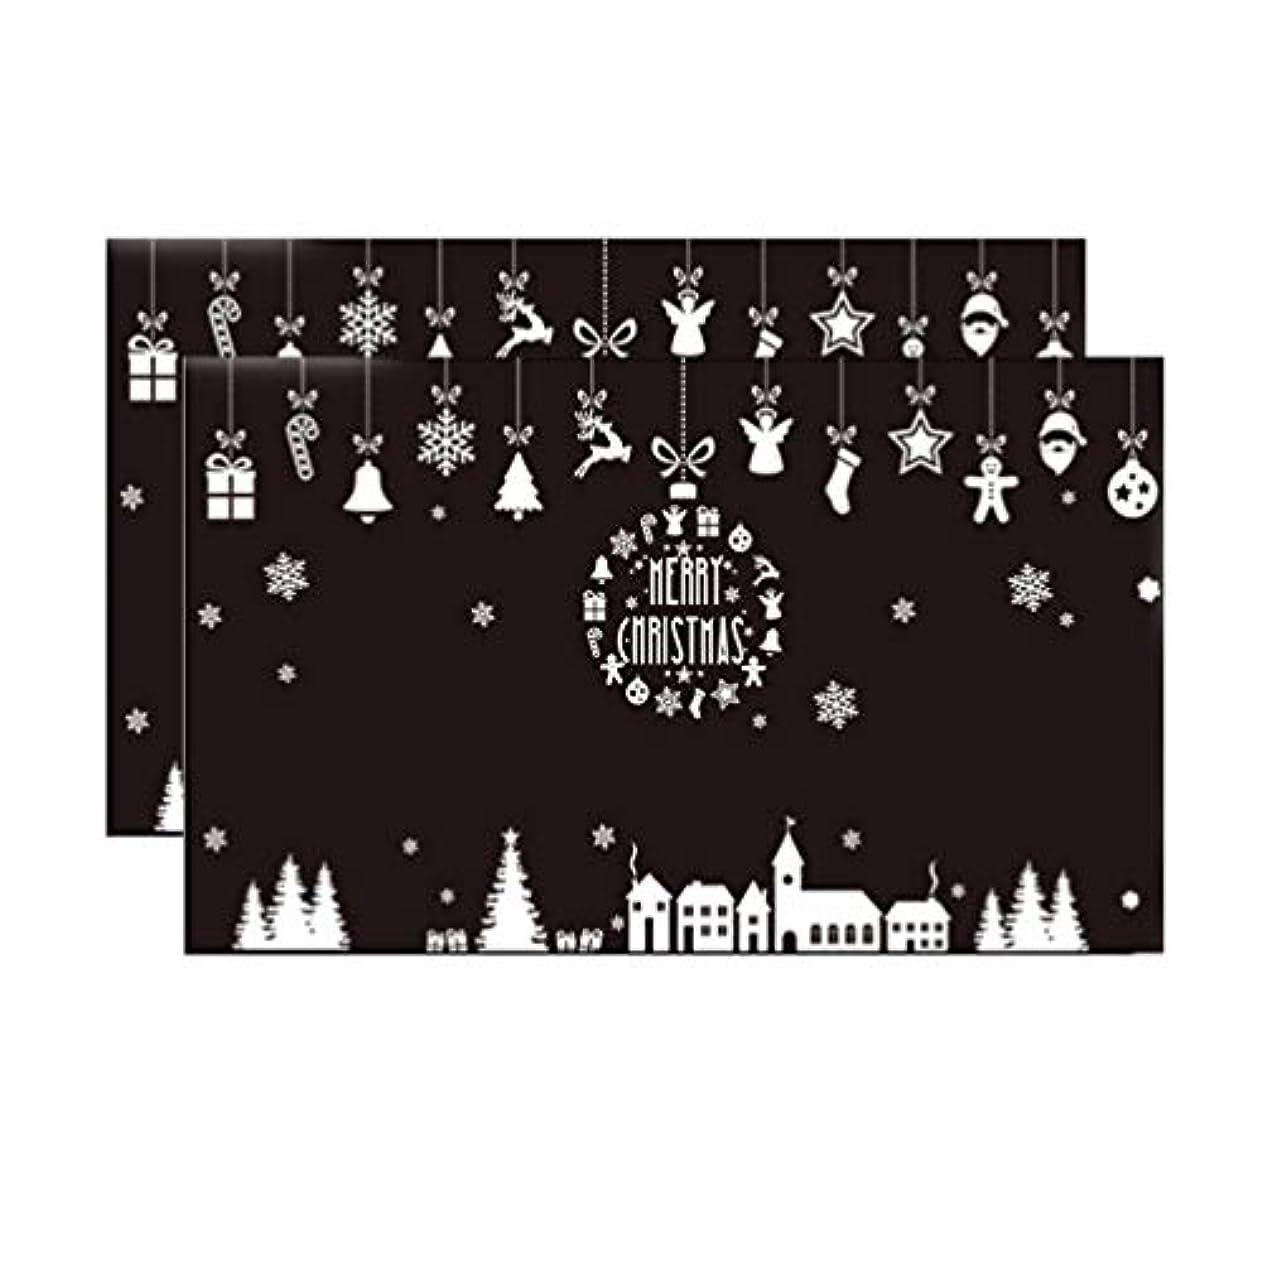 最終バイオリニストミシンSUPVOX 2枚のクリスマスウィンドウにしがみつく装飾スノーフレークウィンドウデカールステッカークリスマス冬のホリデーパーティー用品好意